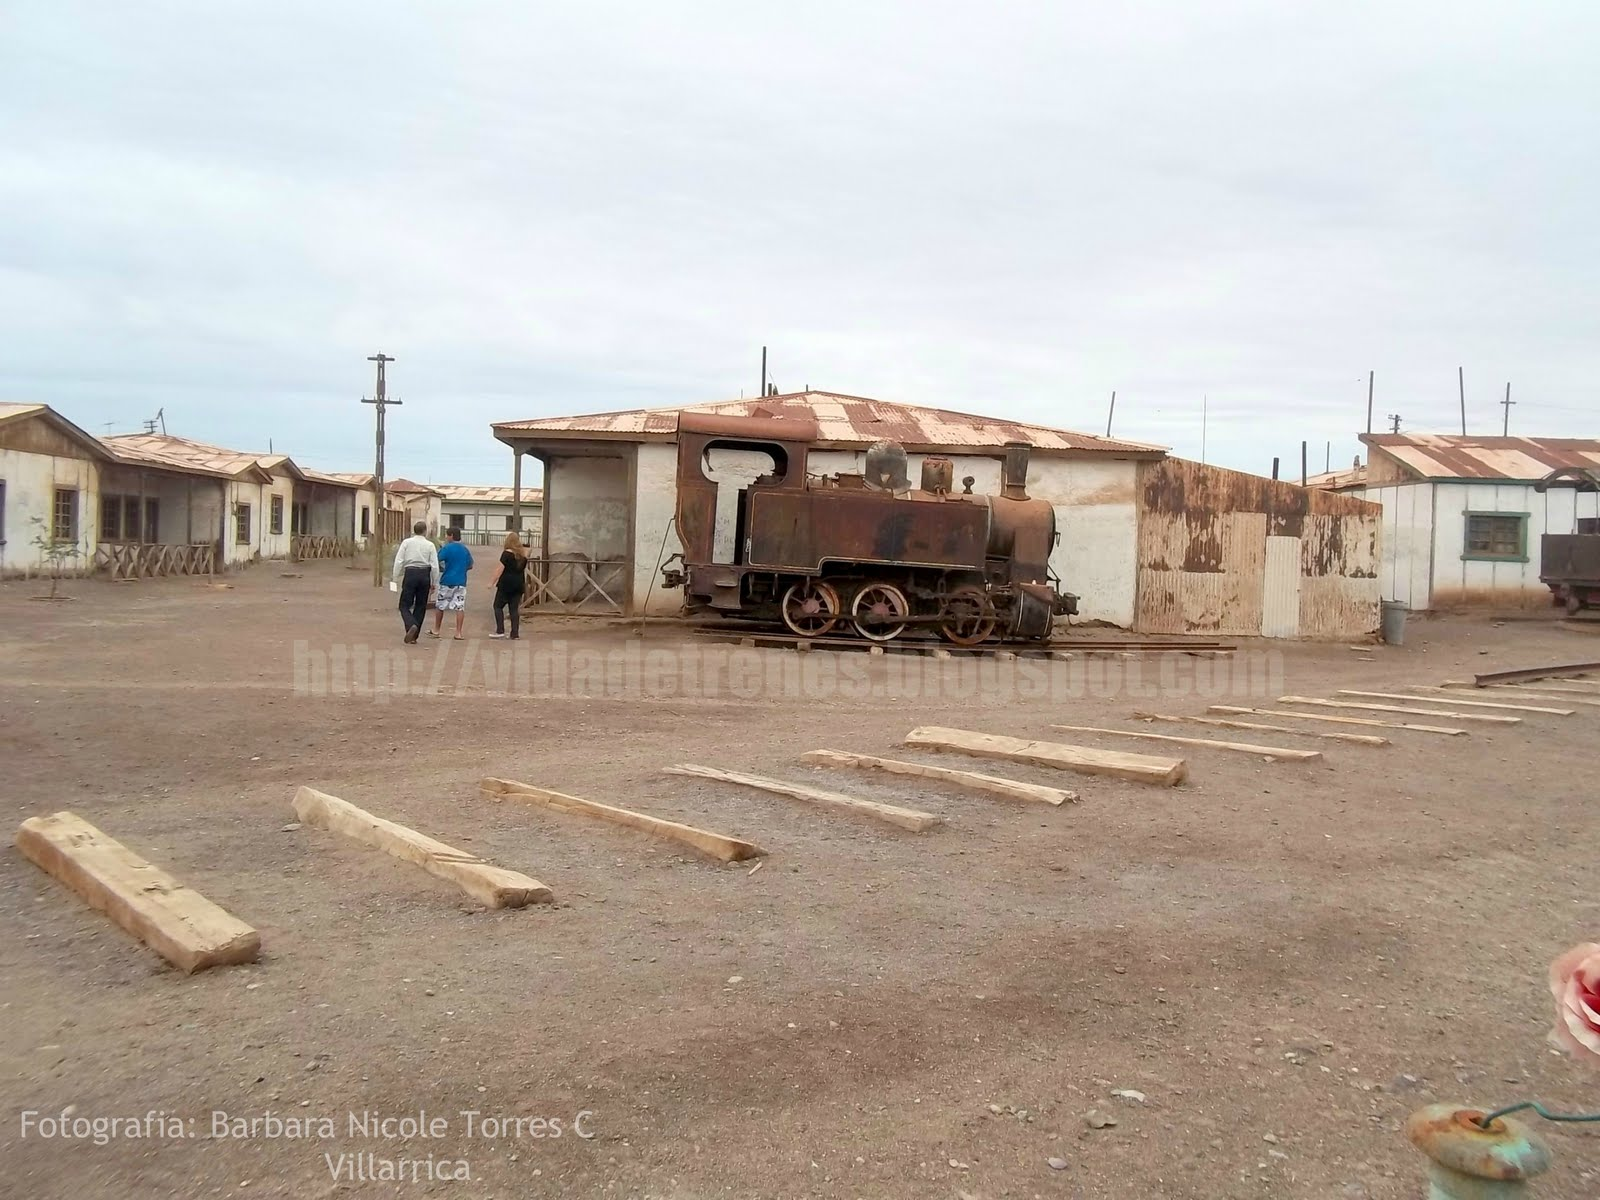 http://3.bp.blogspot.com/-EEQdYHC4bw4/ThbWd-rvslI/AAAAAAAAKFc/l9_GzwtMNeM/s1600/1.-Barbara+Nicole+Torres+C+%25281%2529.JPG